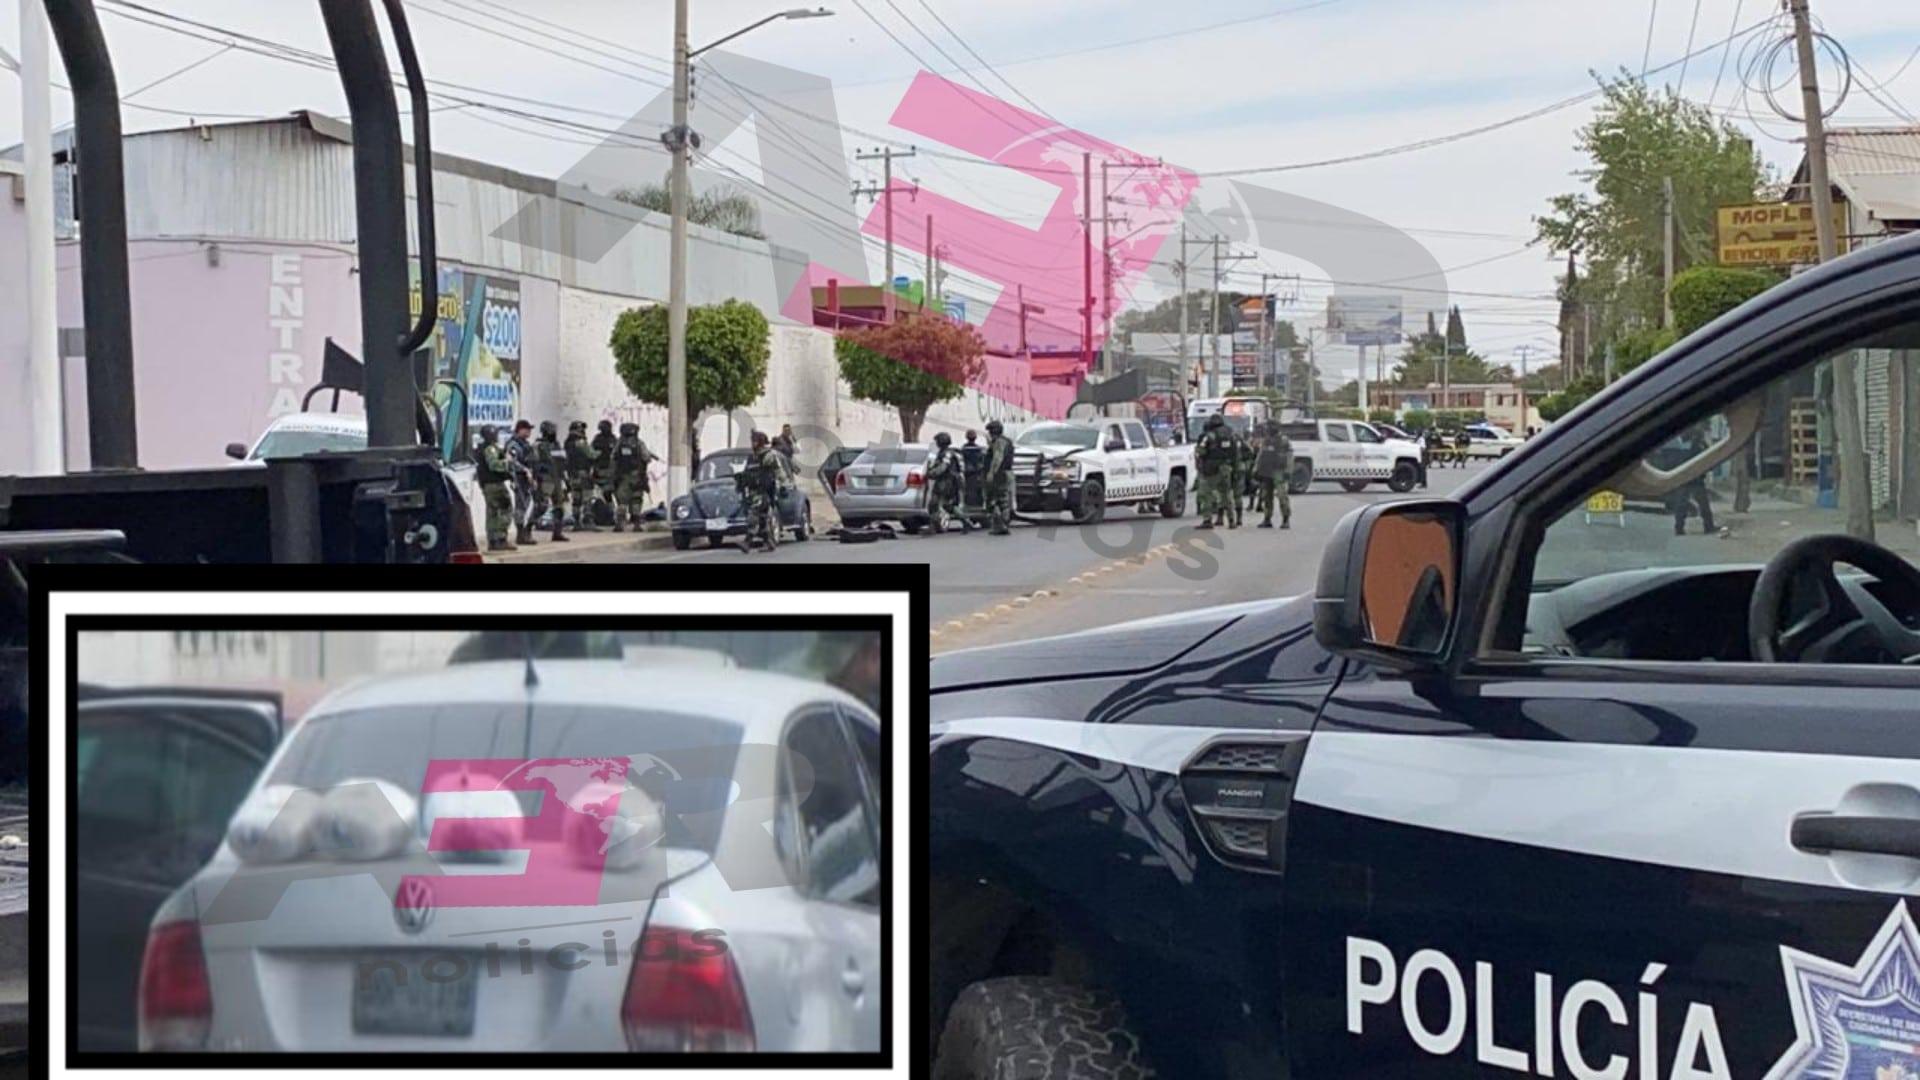 Persecución de la Guardia Nacional Resulta en Choque, Tres Detenidos y Cuatro Paquetes Asegurados 3